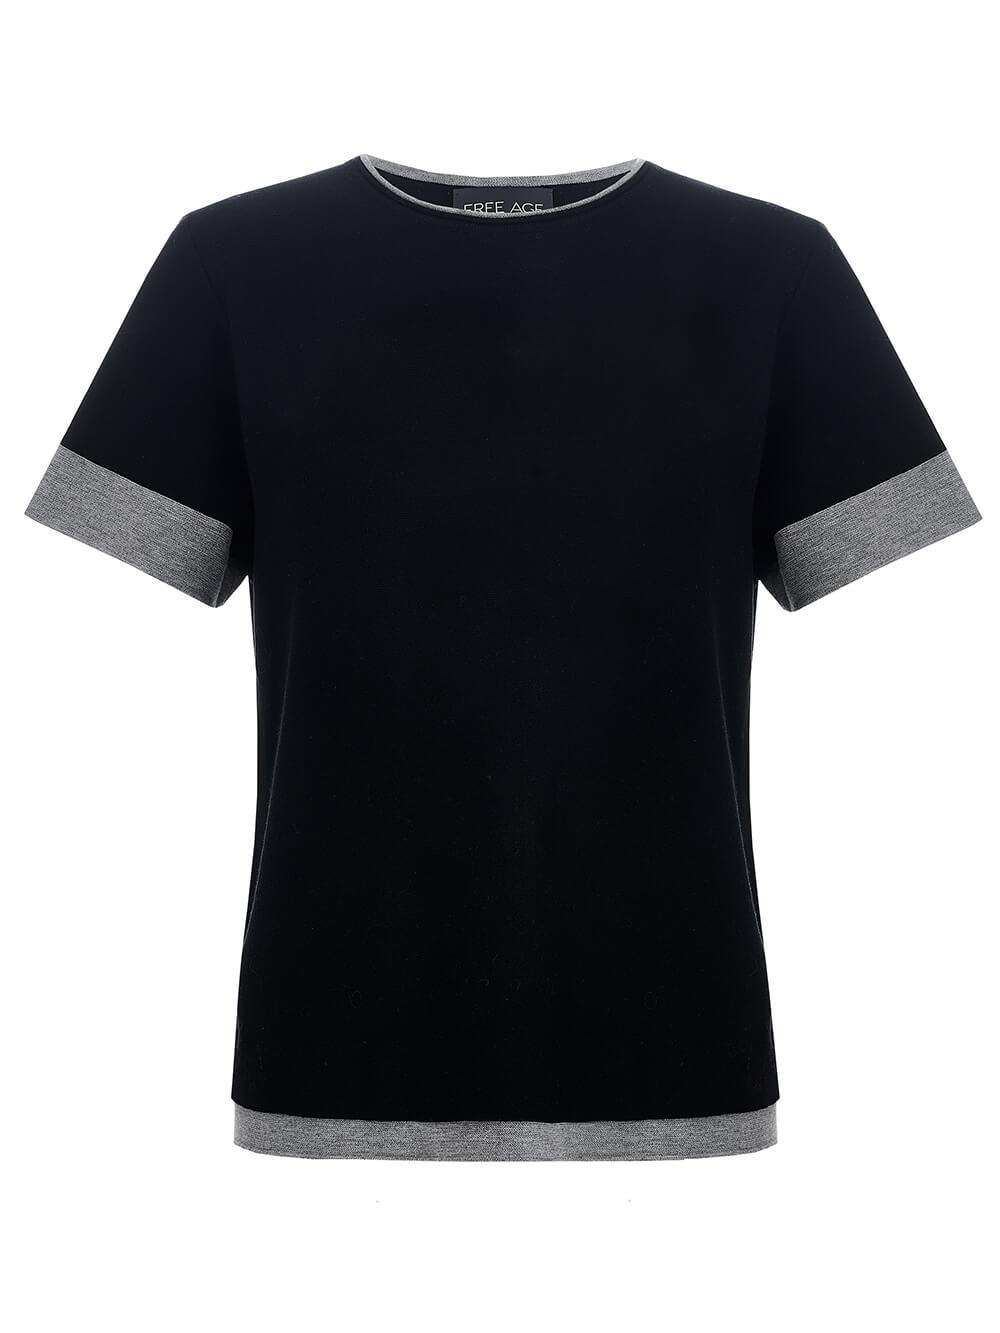 Женская футболка черного цвета из вискозы - фото 1